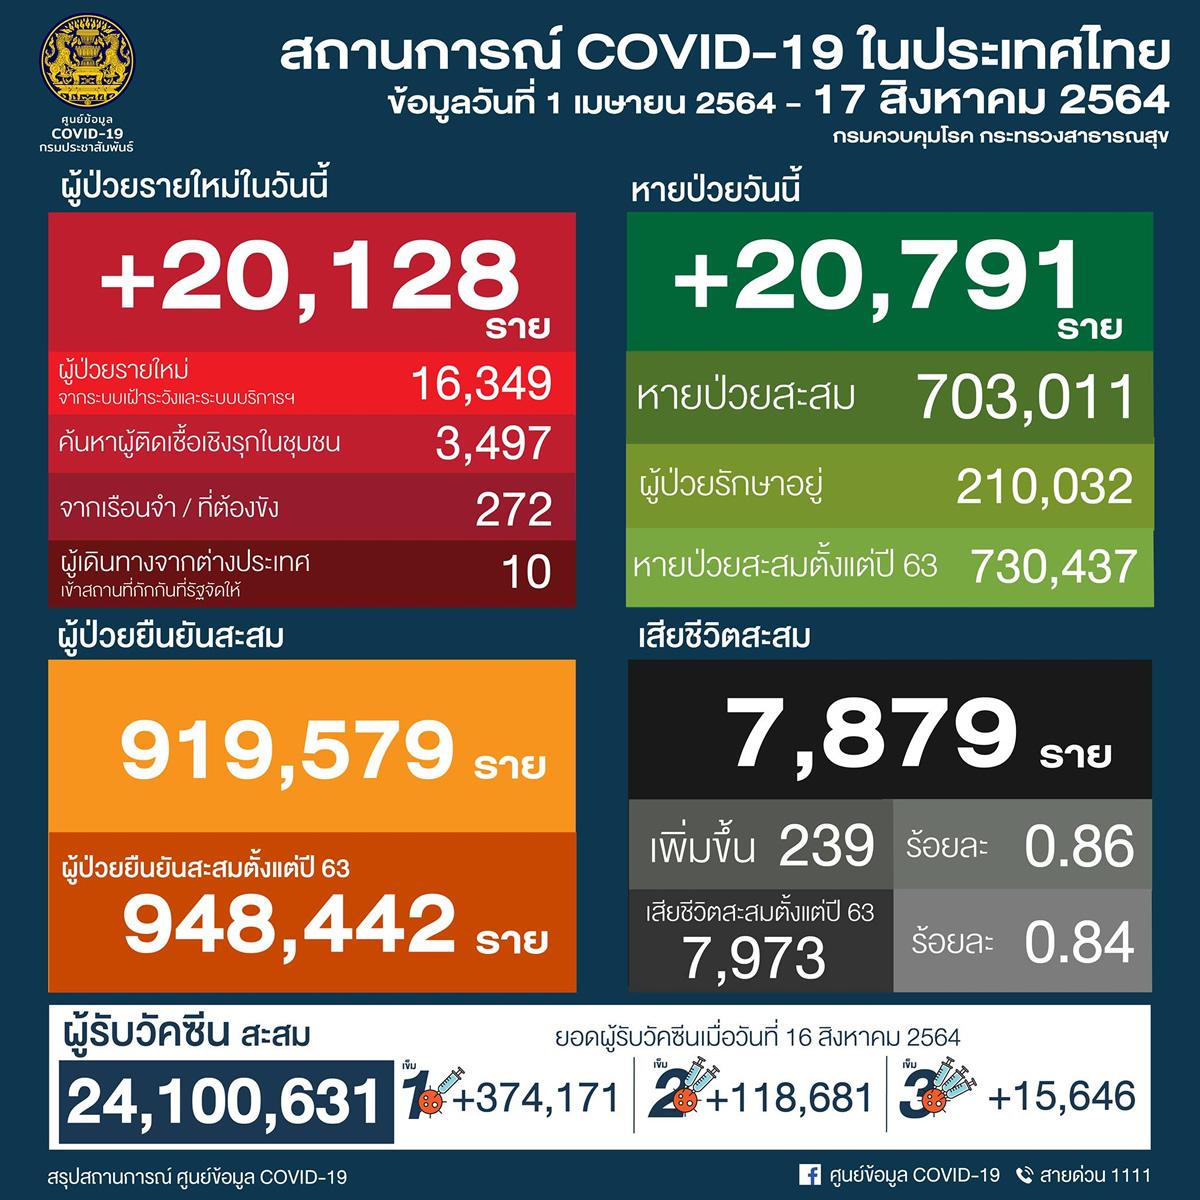 タイ 20,128人陽性 239人死亡/バンコク 4,397人陽性 79人死亡/[2021年8月17日発表]